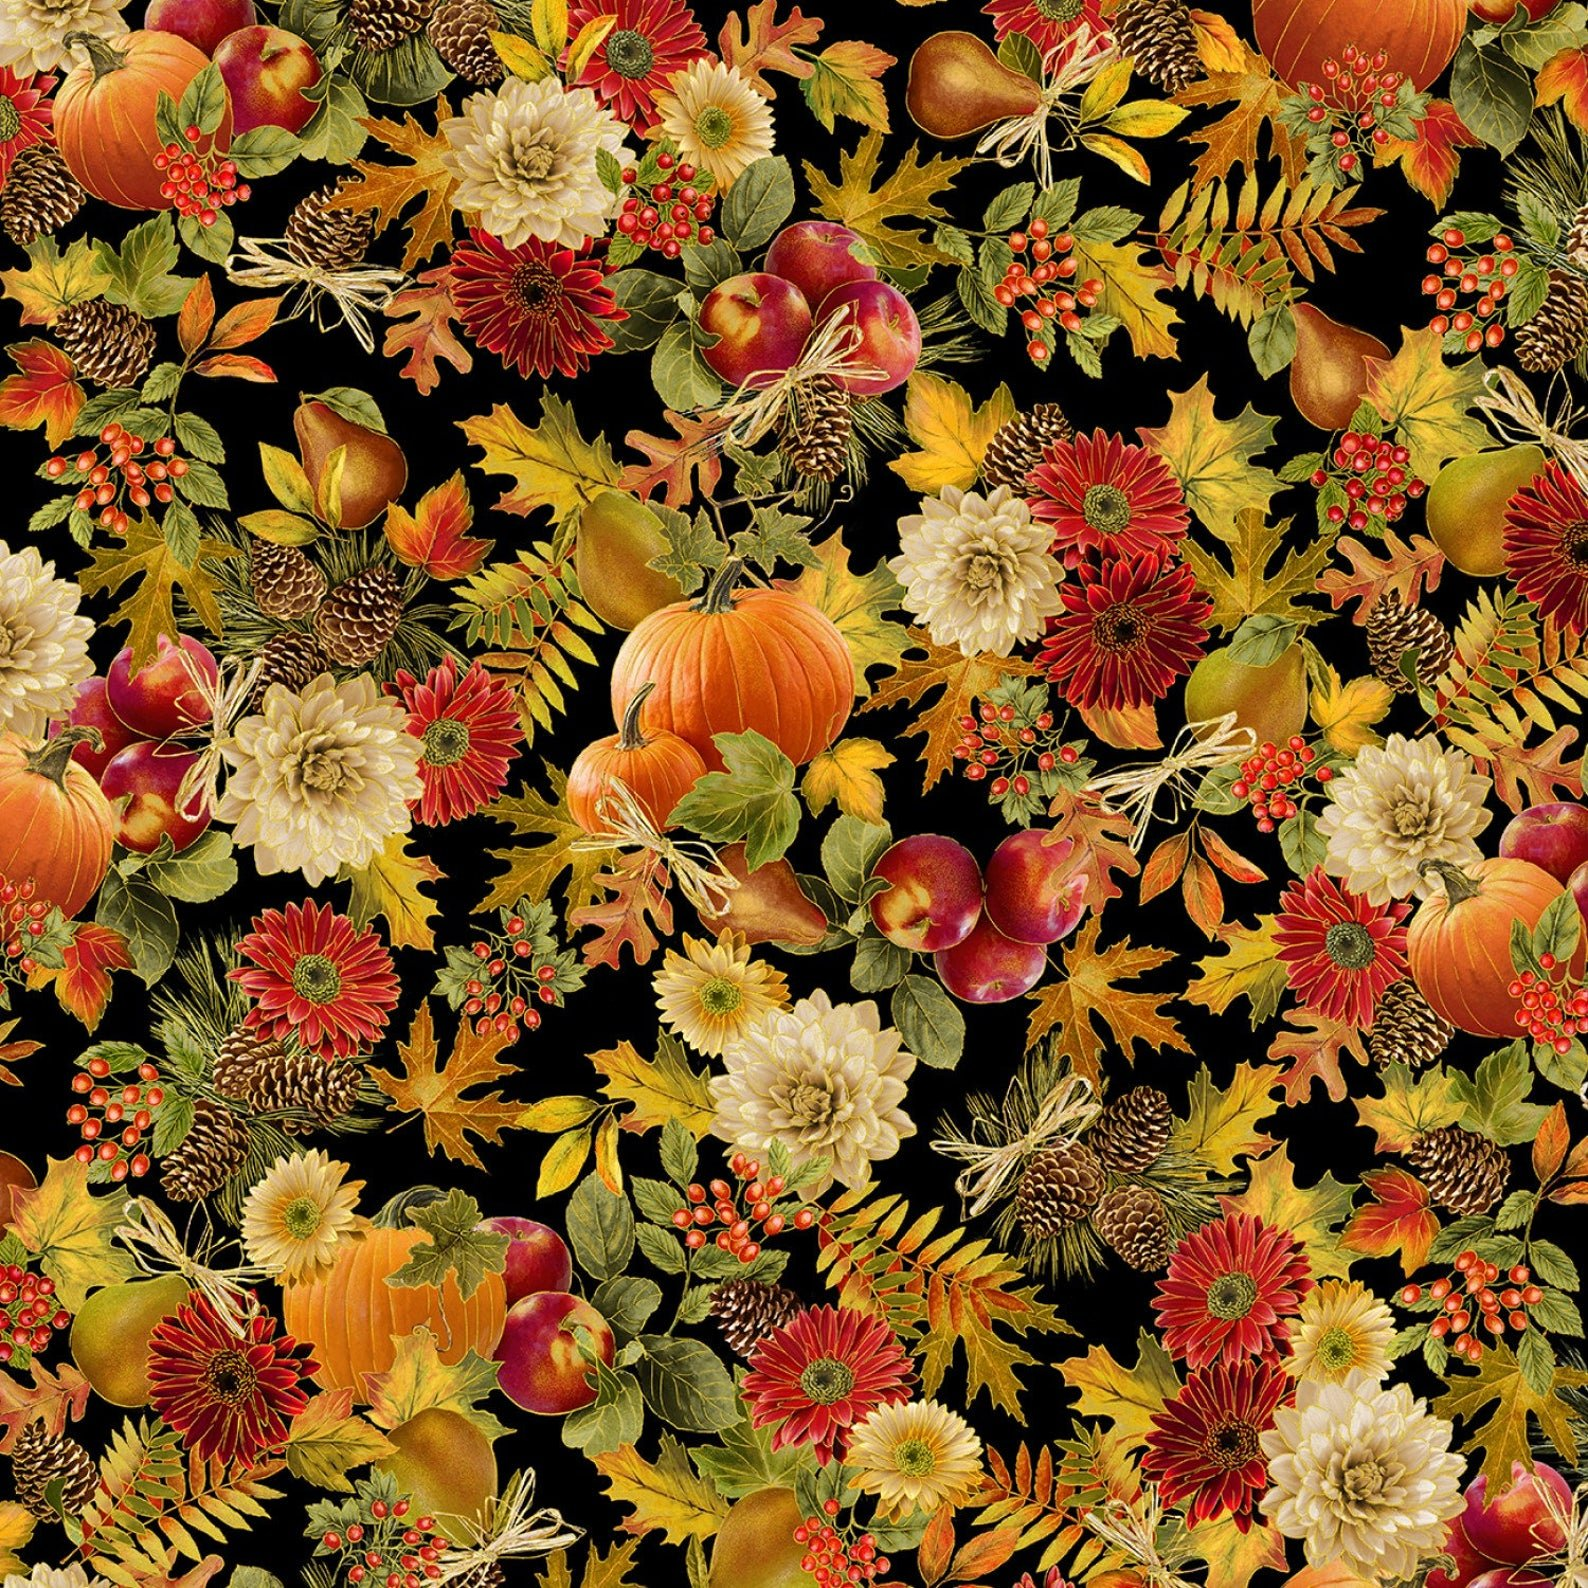 Timeless Treasures Harvest CM7655 Black Harvest Foliage Pumpkin Apples Fall Leaves